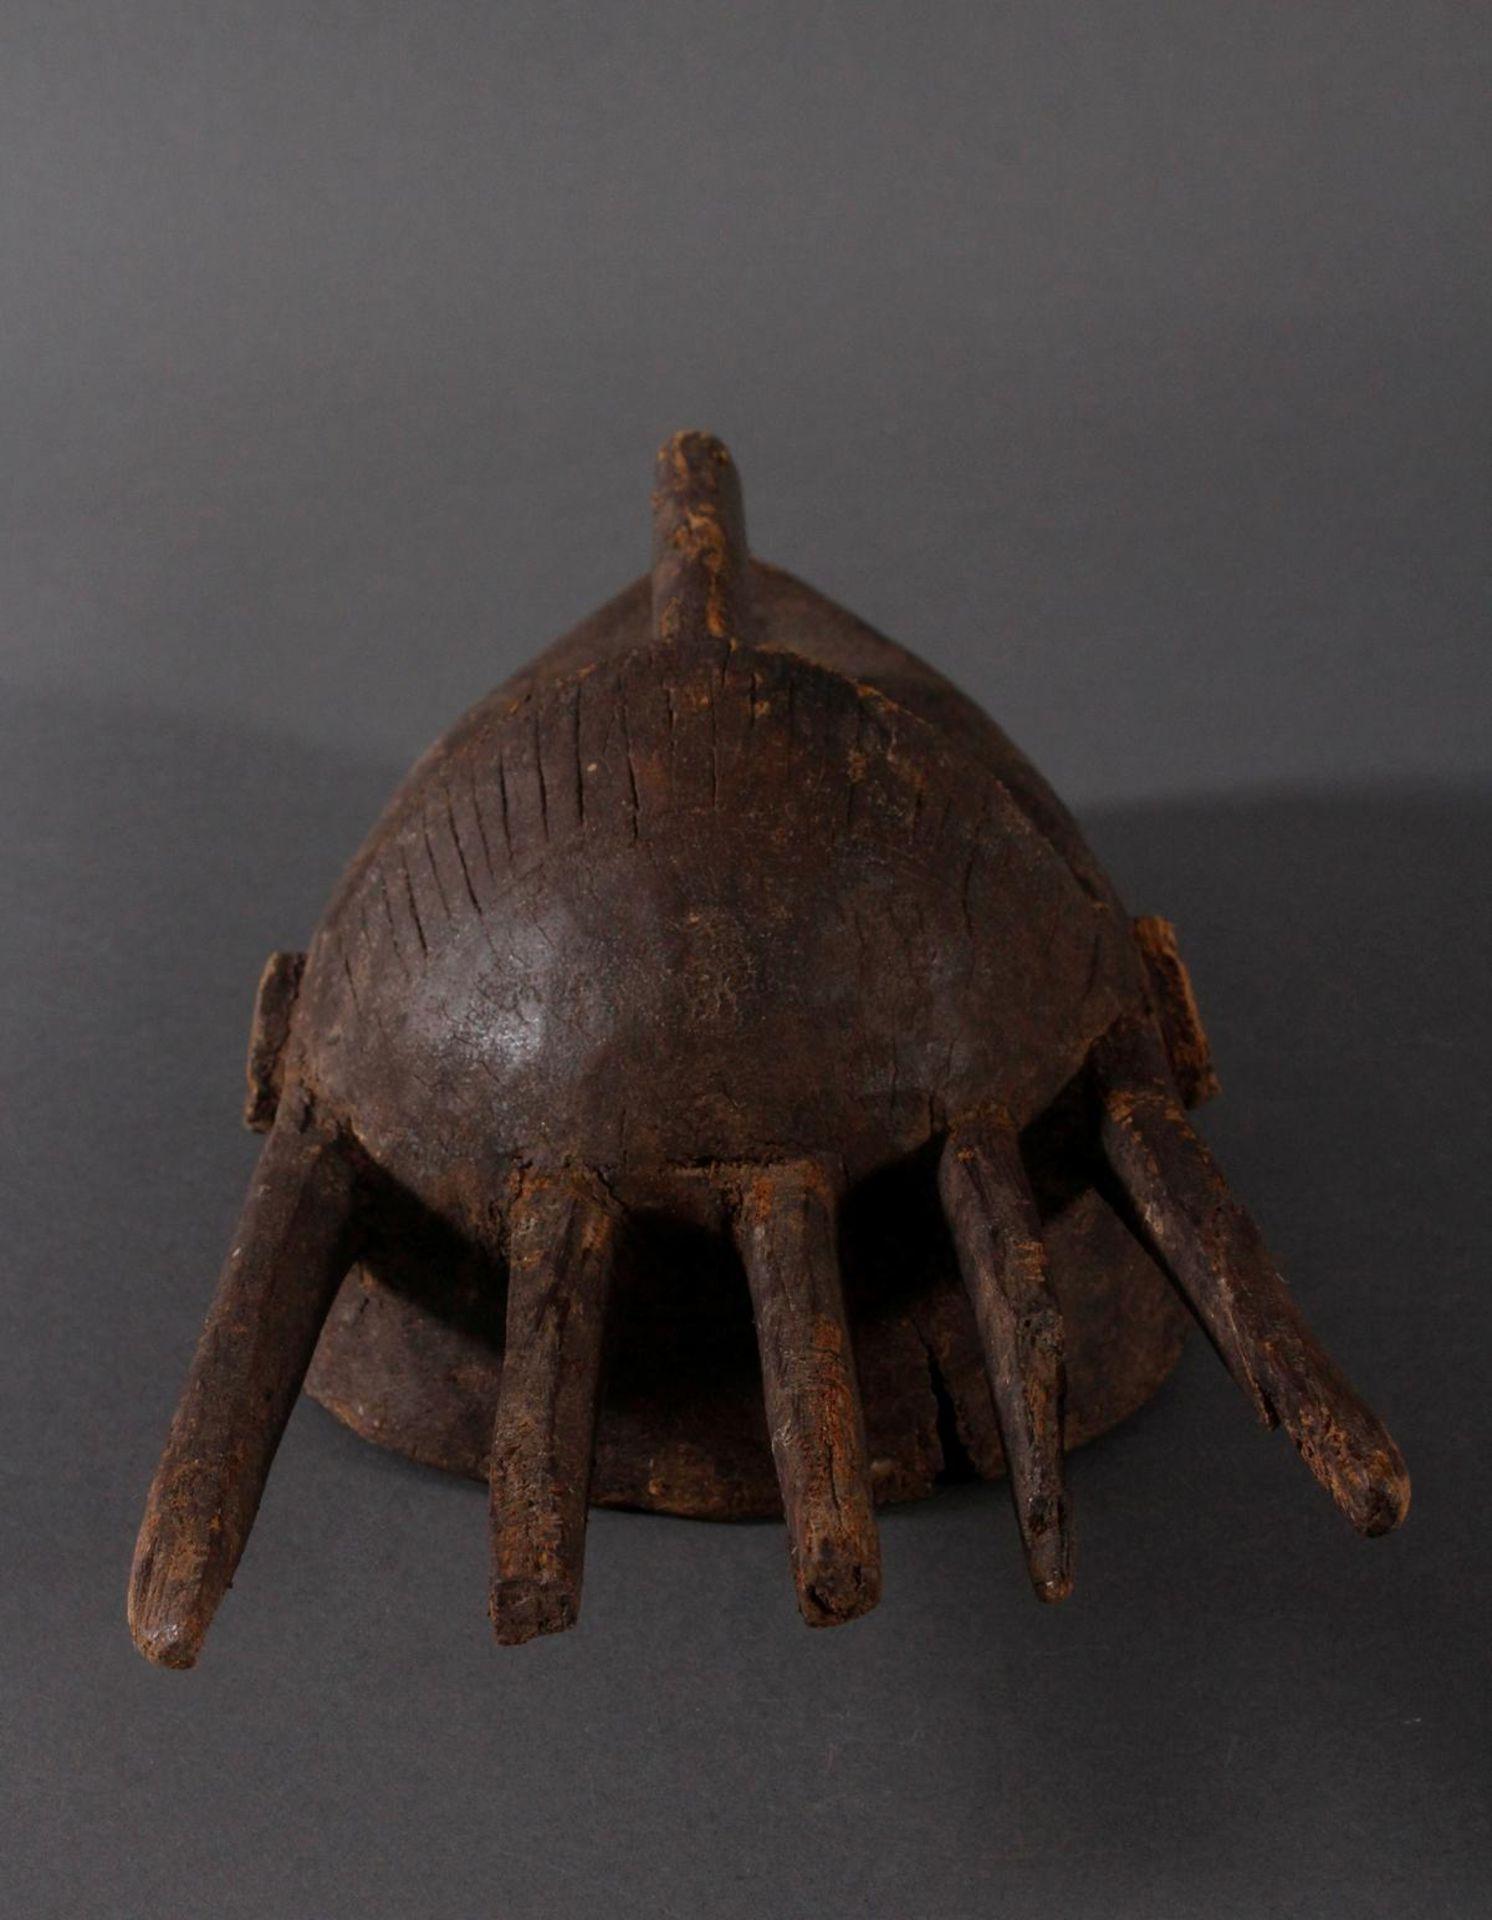 Antike Maske, Marka, Mali 1.Hälfte 19. Jh.Holz geschnitzt, spitz ovales, schlankes Gesicht mit - Bild 5 aus 6